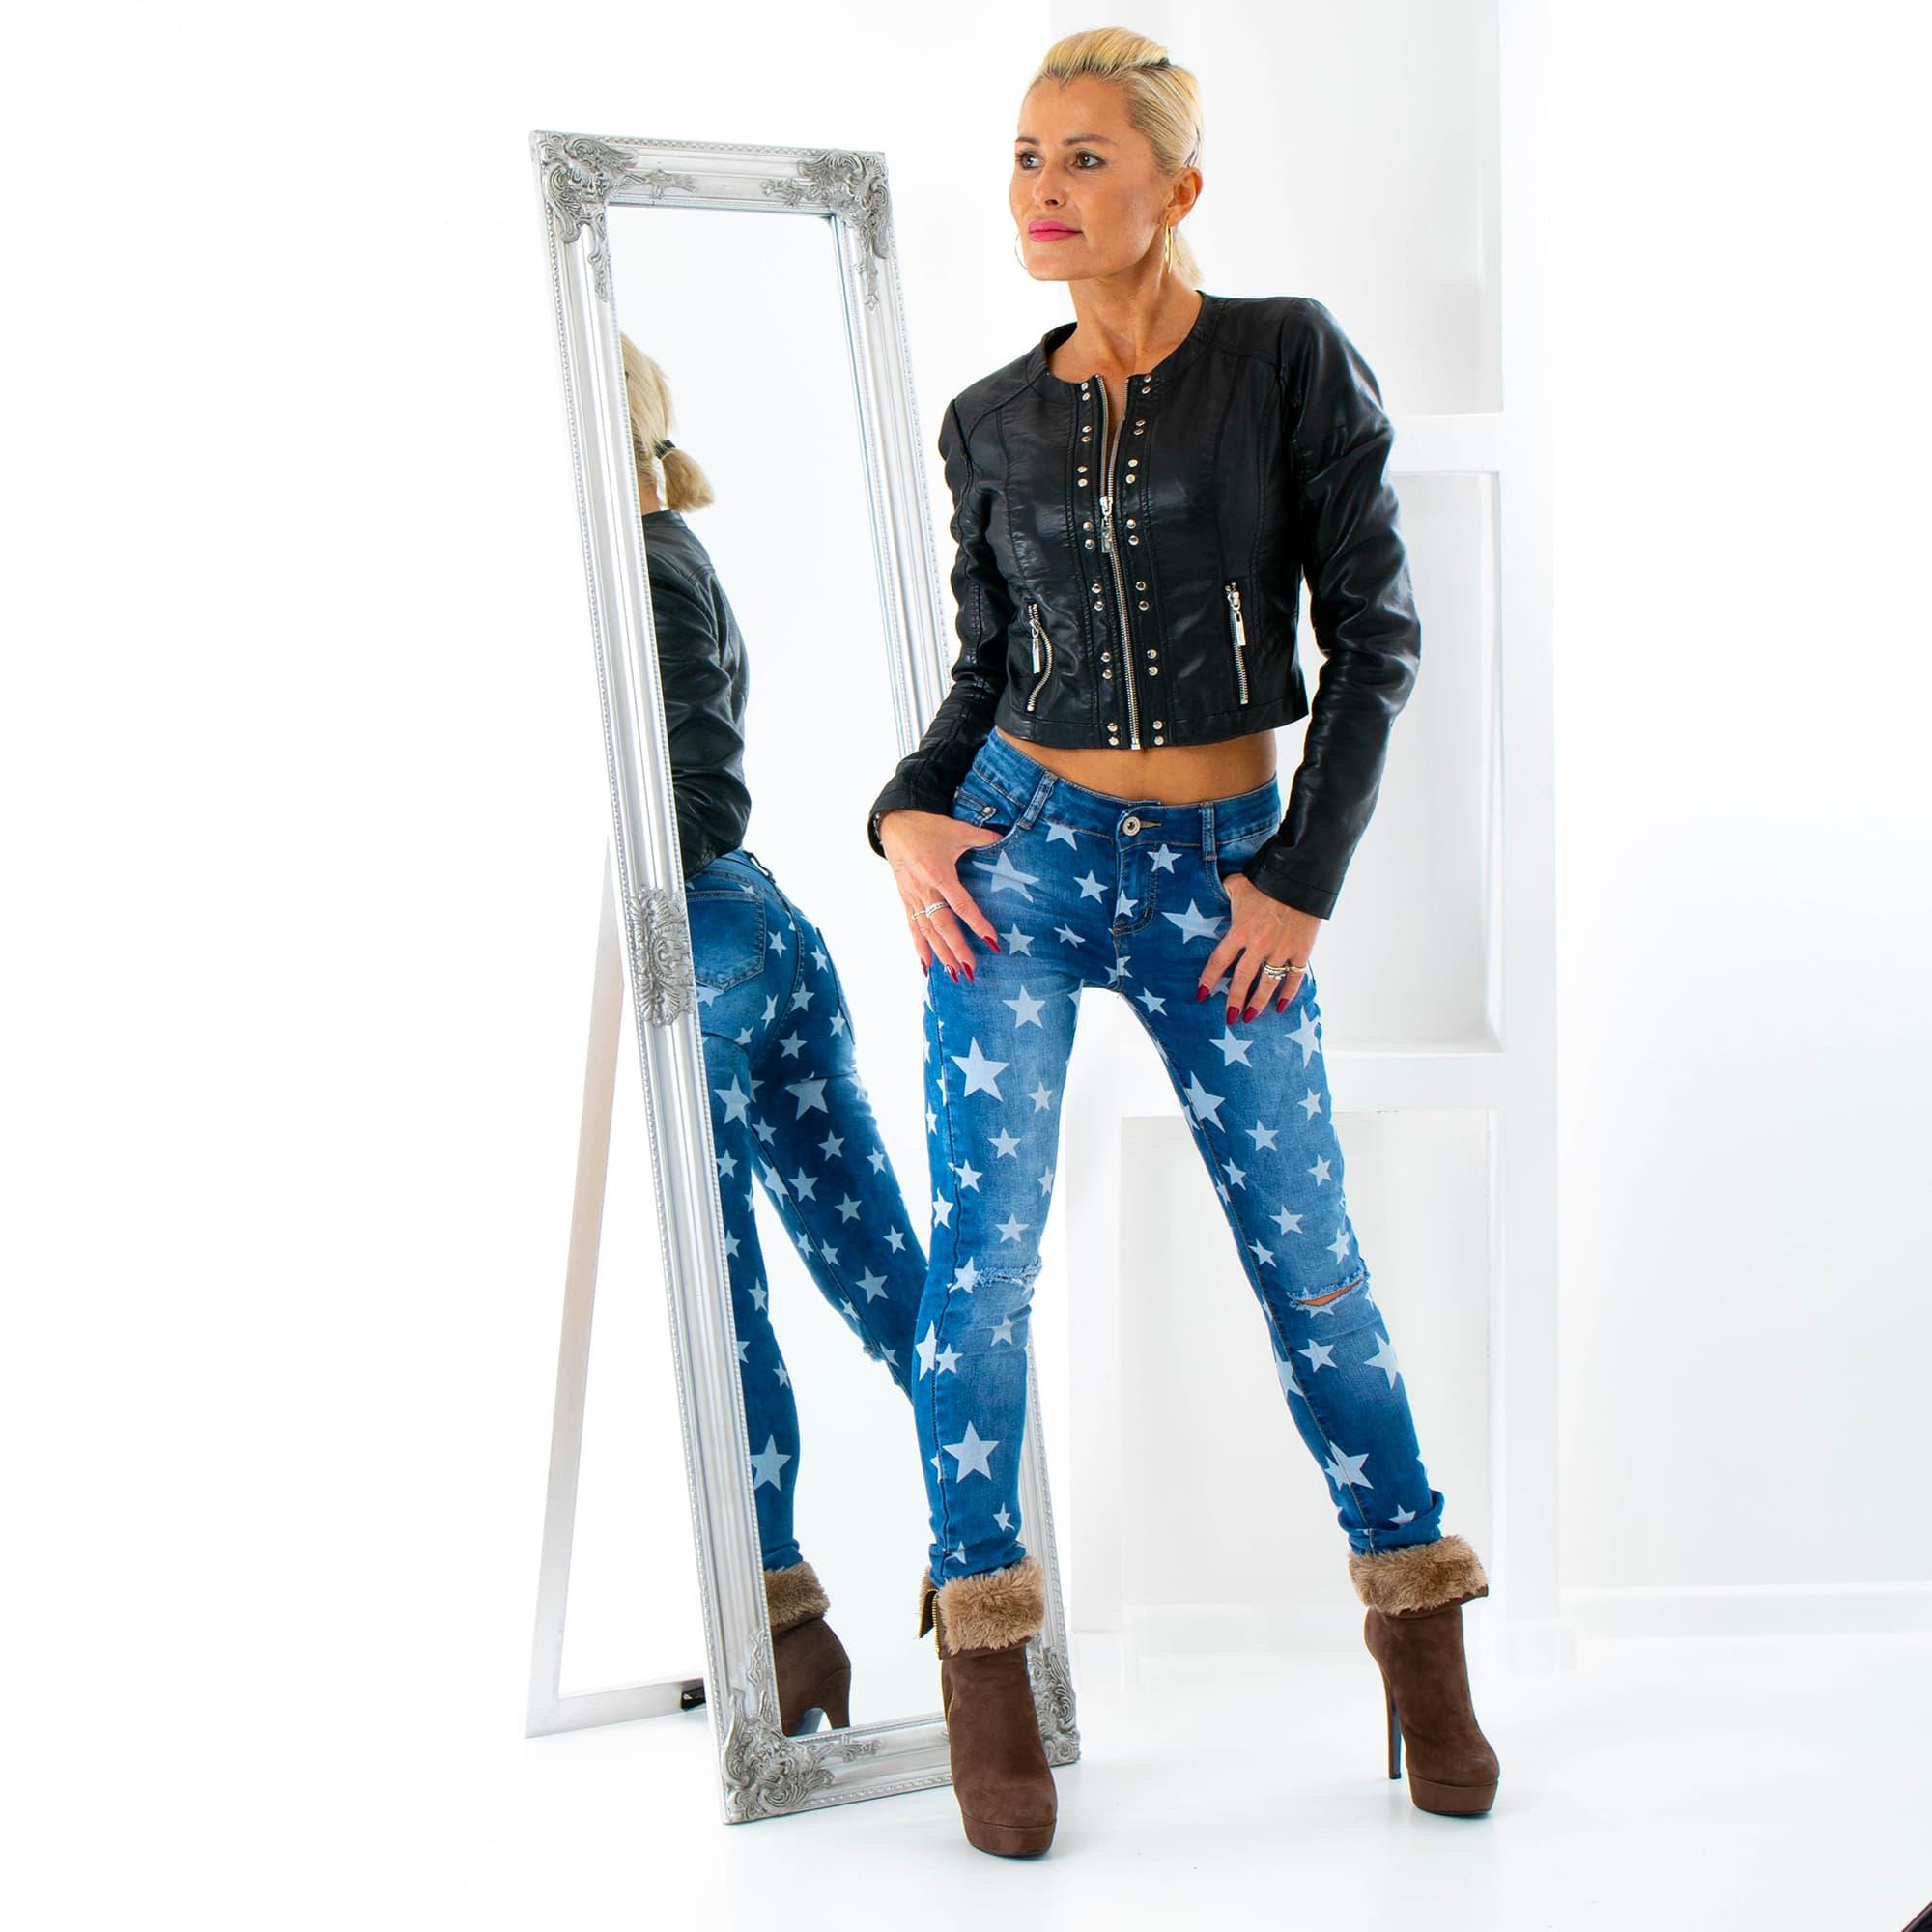 0f6f33069b0 Dámská móda a doplňky - Dámské jeans s hvězdami a trháním na kolenou ...